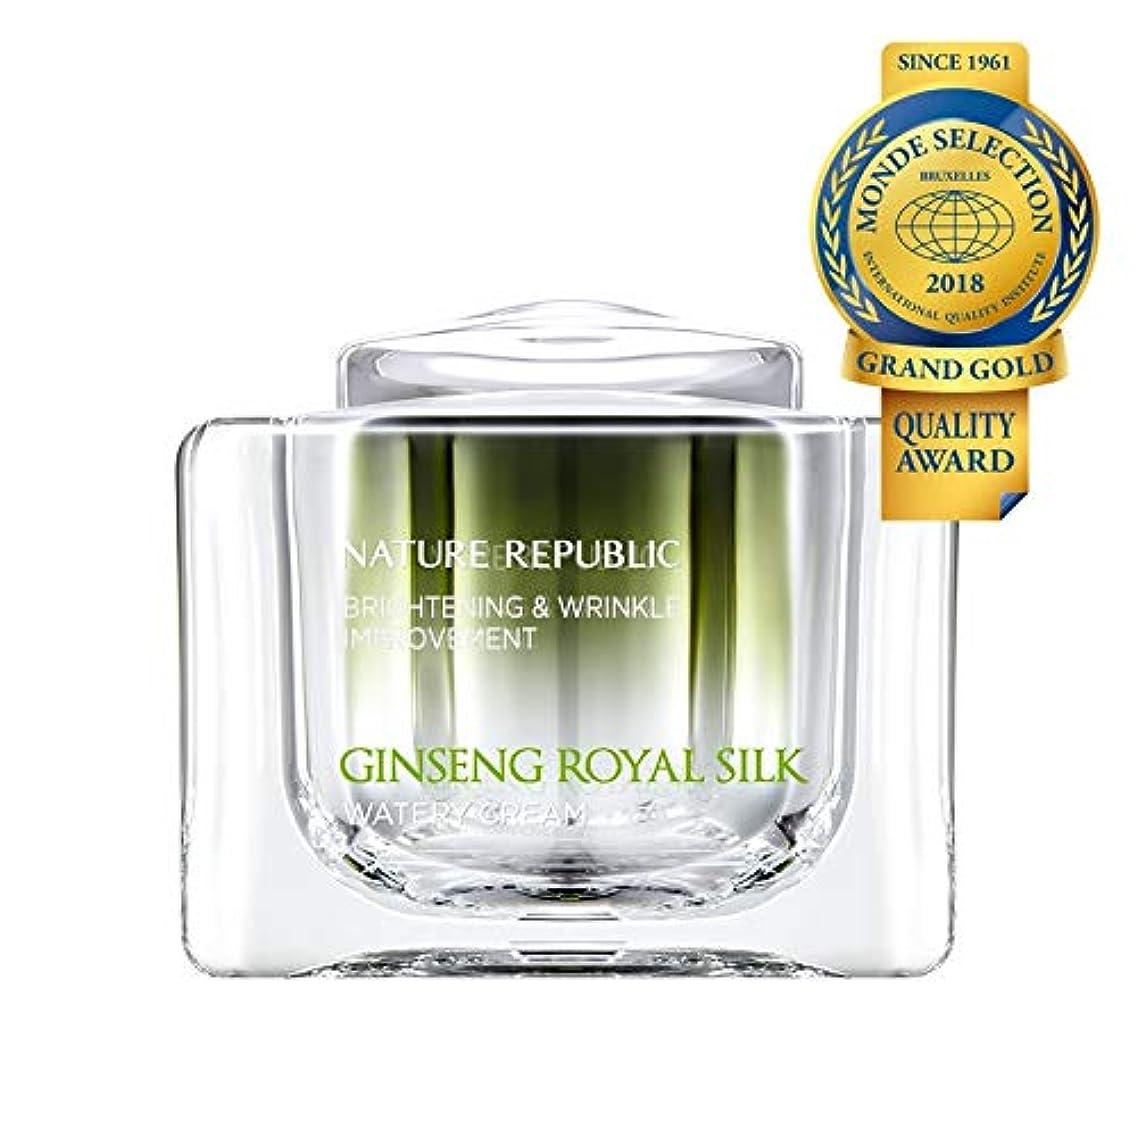 調停者定規びっくりするネイチャーリパブリック(Nature Republic)ジンセンロイヤルシルクウォーターリークリーム 60g / Ginseng Royal Silk Watery Cream 60g :: 韓国コスメ [並行輸入品]